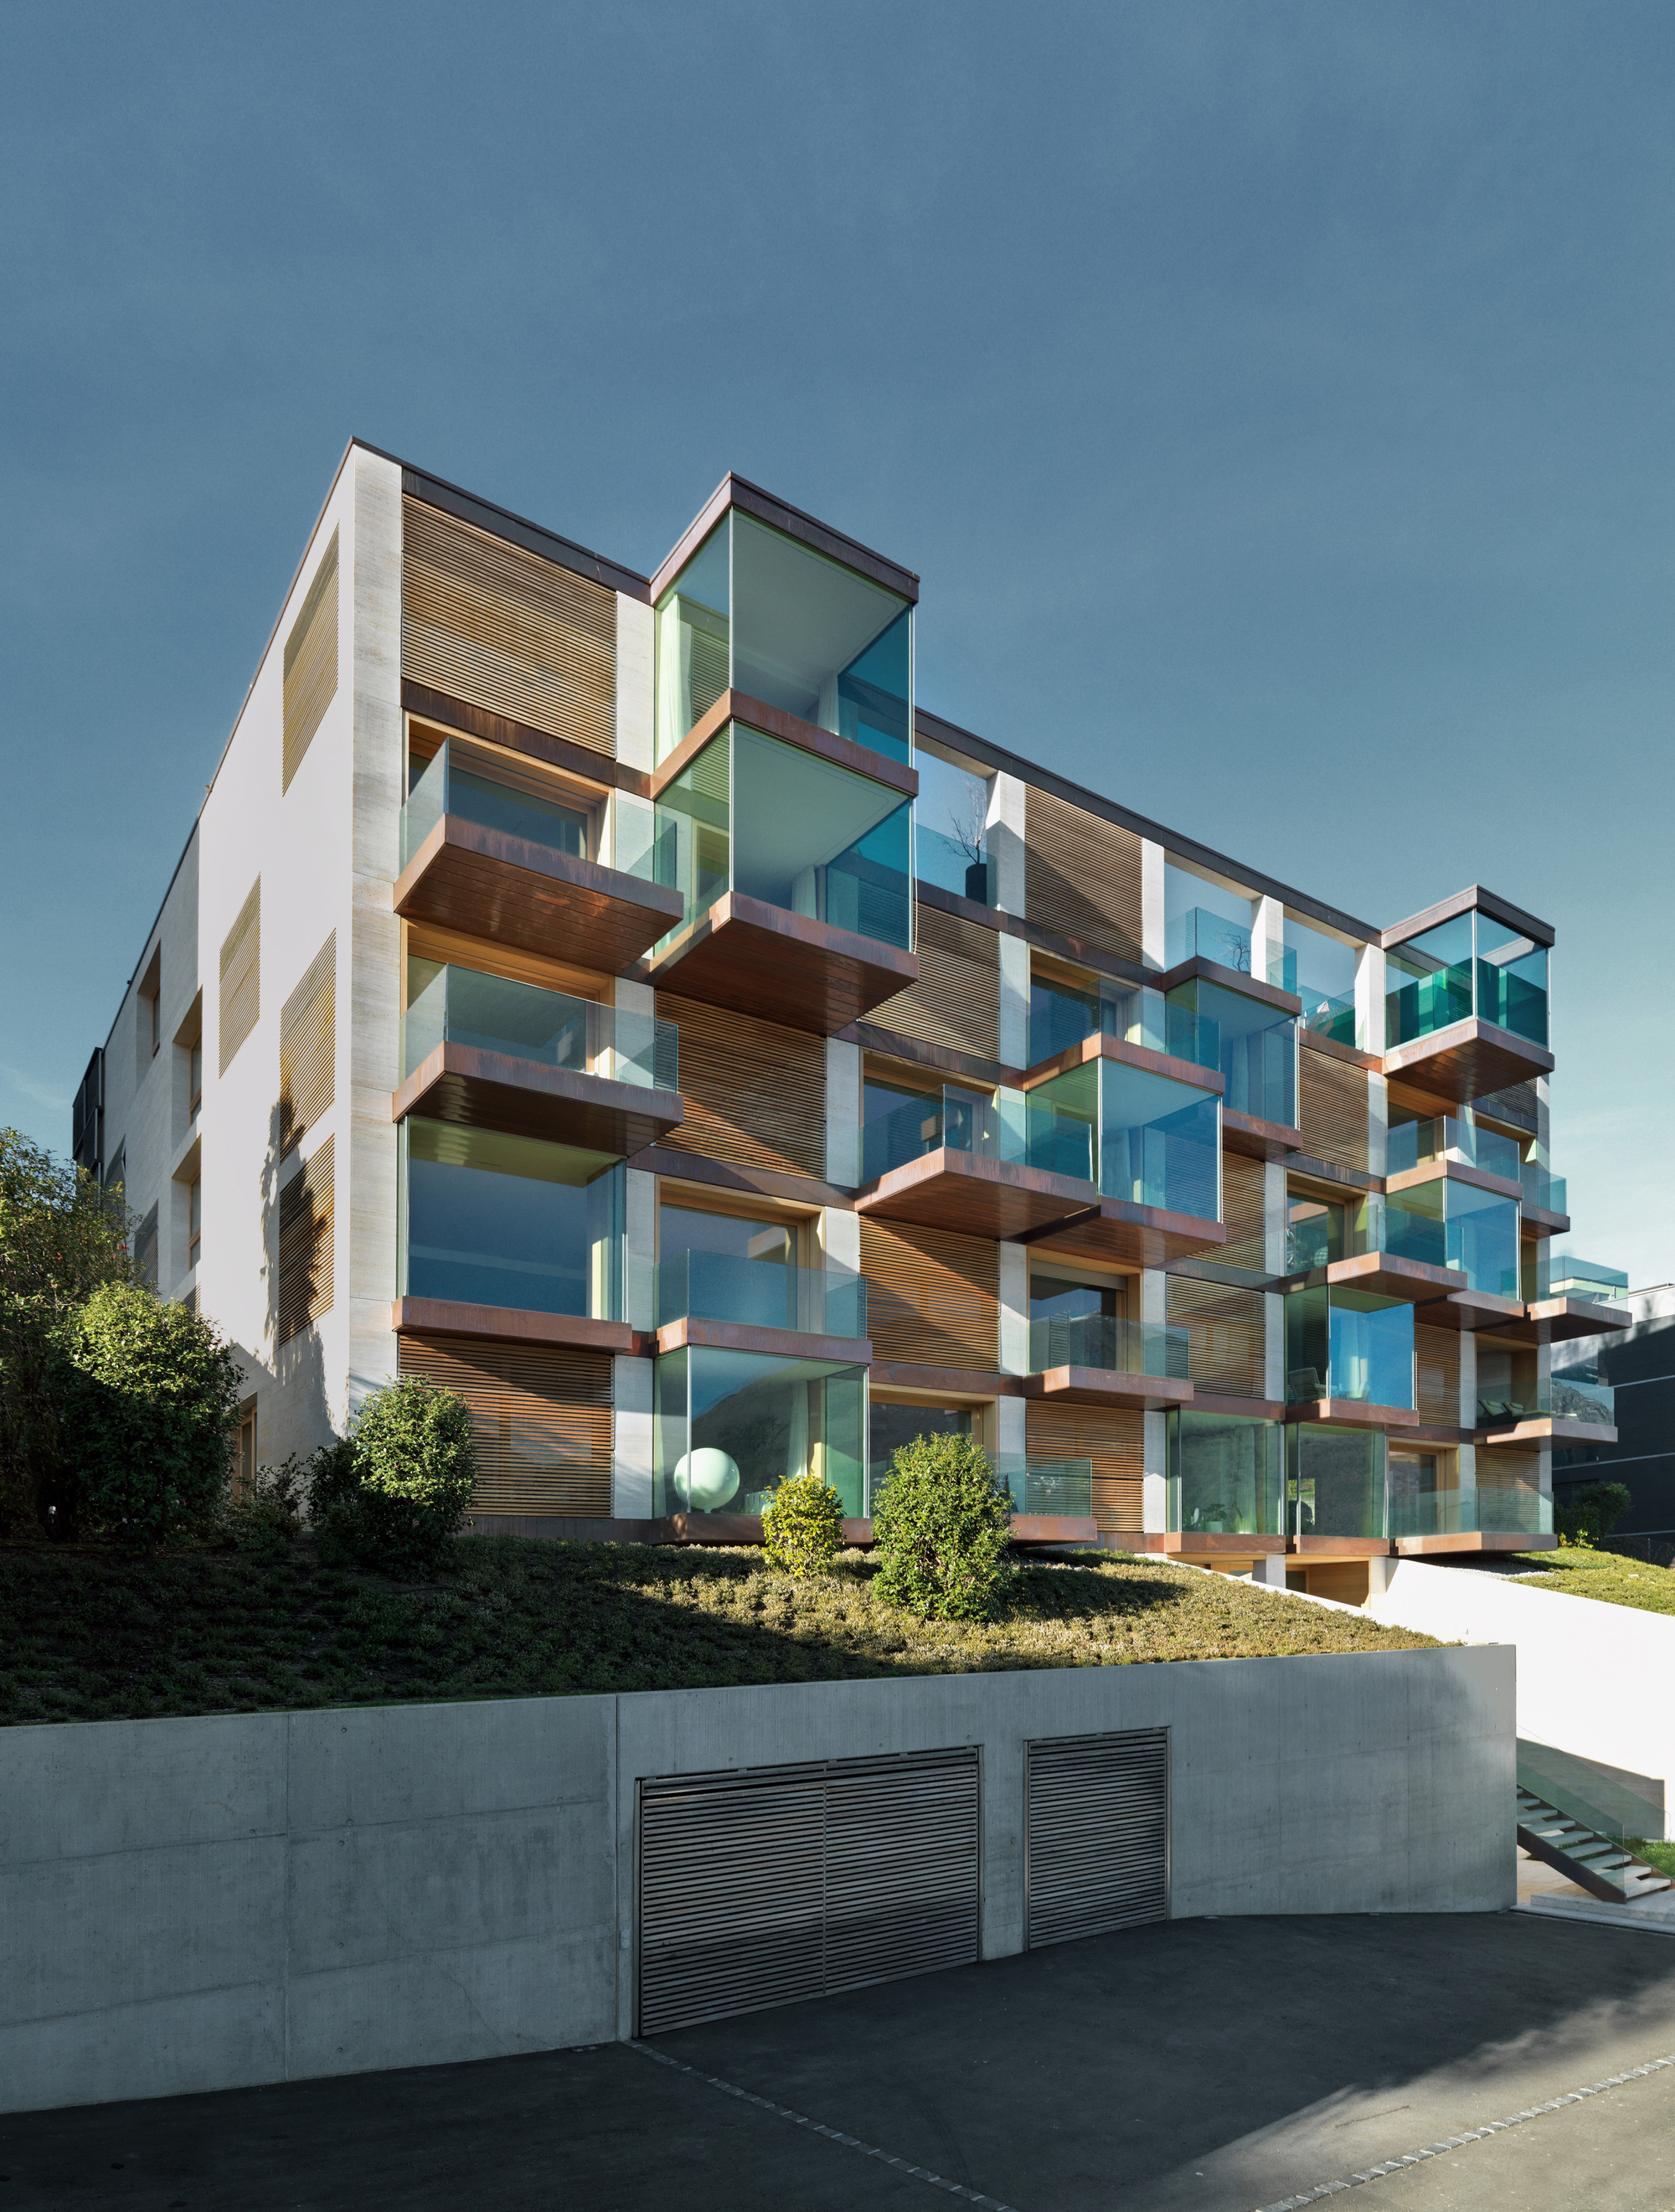 Urbanización de lujo con una fachada hecha de cubos de cristal 1